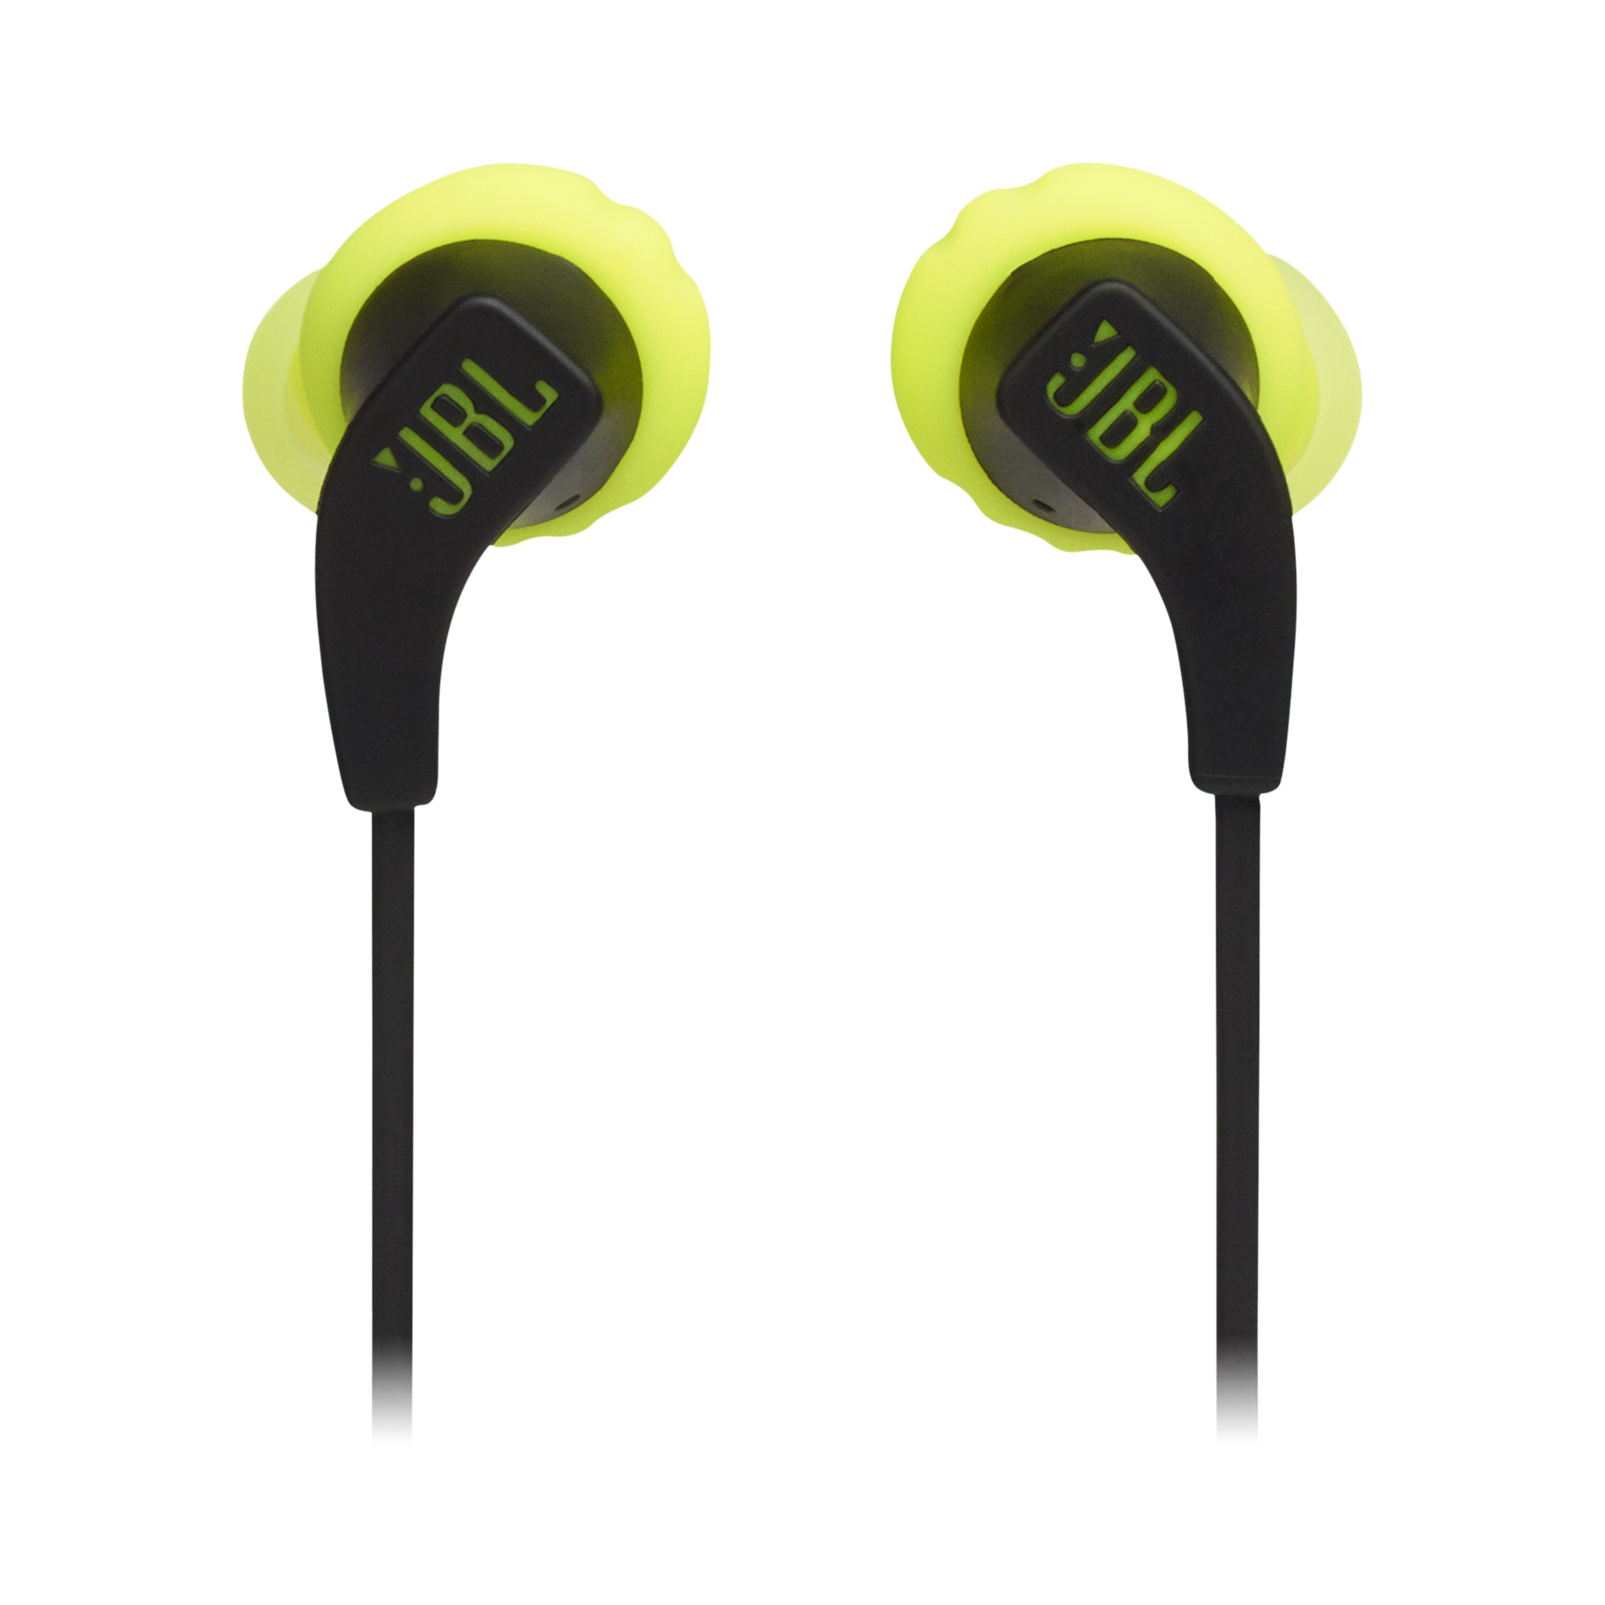 JBL Endurance RUNBT - Green - Sweatproof Wireless In-Ear Sport Headphones - Front